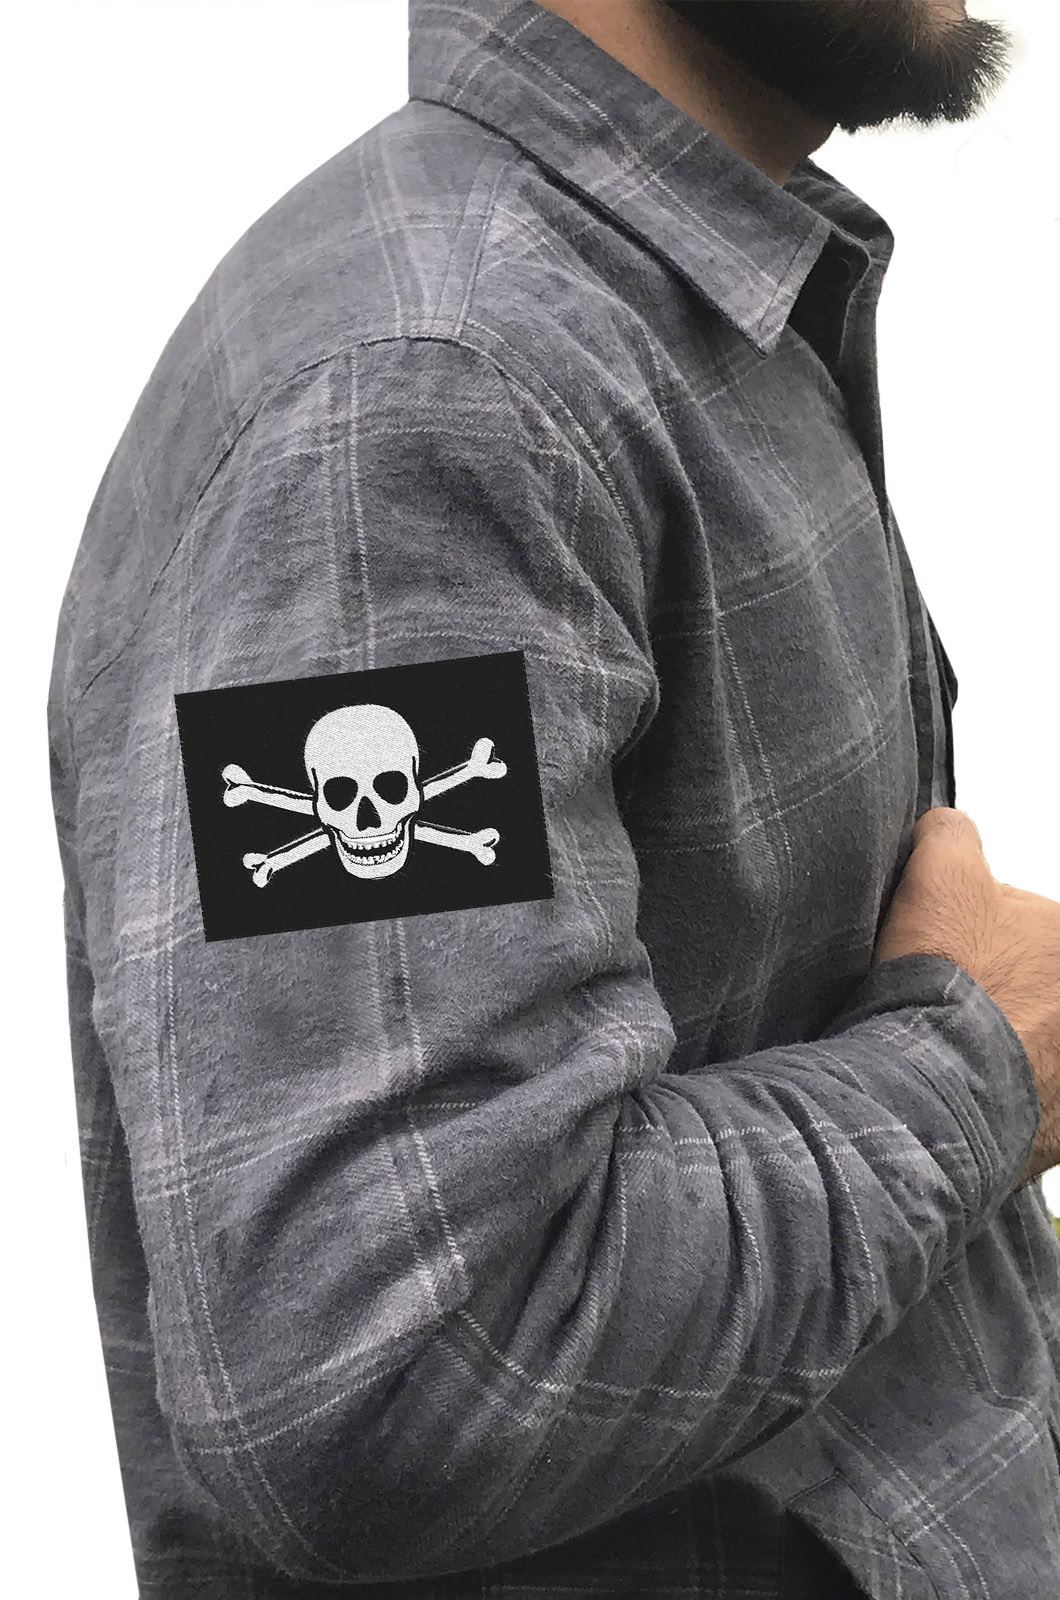 Надежная рубашка с вышитым пиратским шевроном - купить оптом